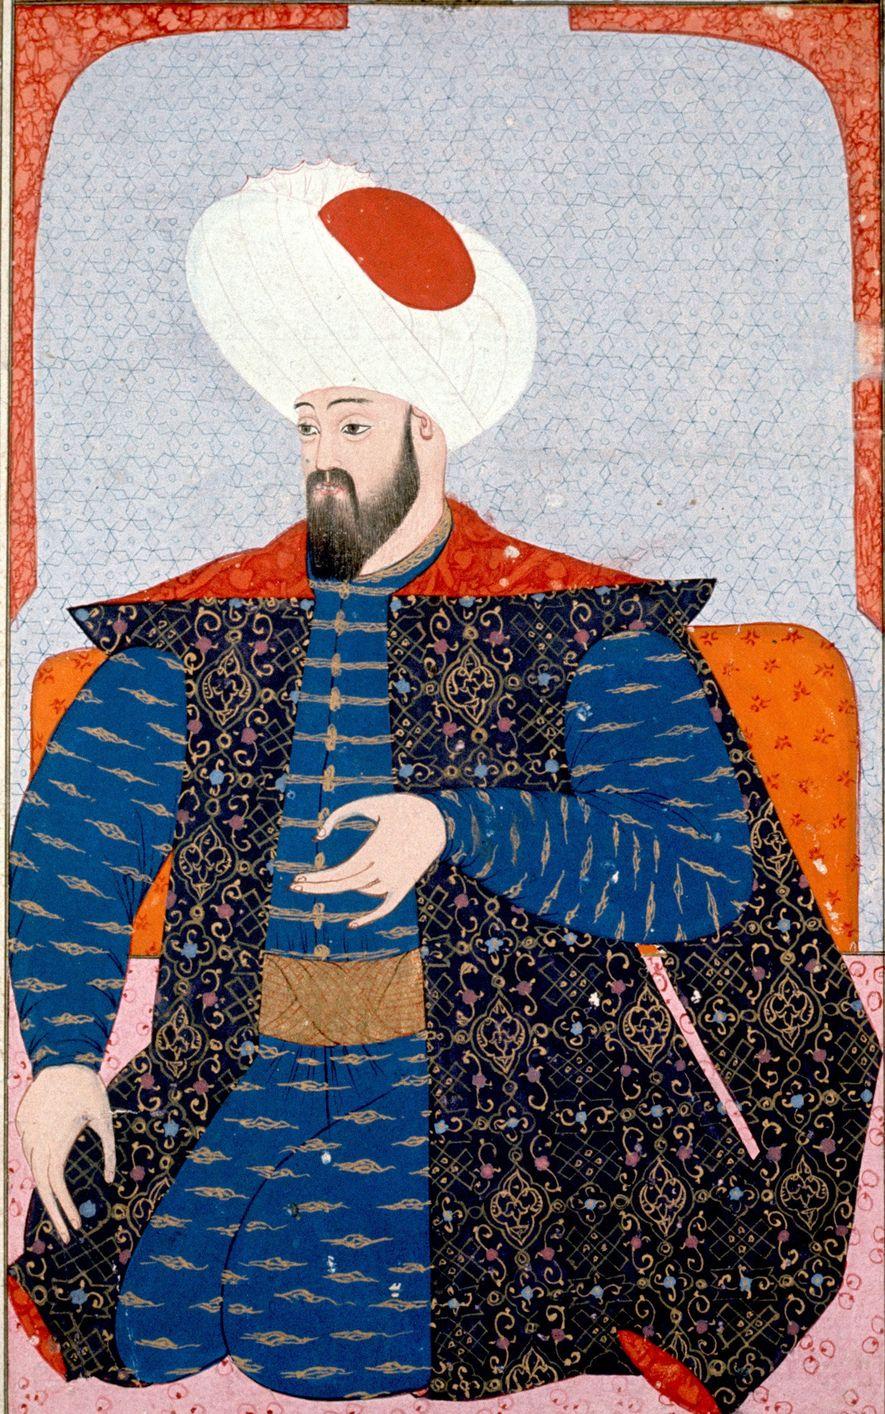 Retrato de Osmán del siglo XVI. Osmán fue el primer sultán del Imperio otomano.